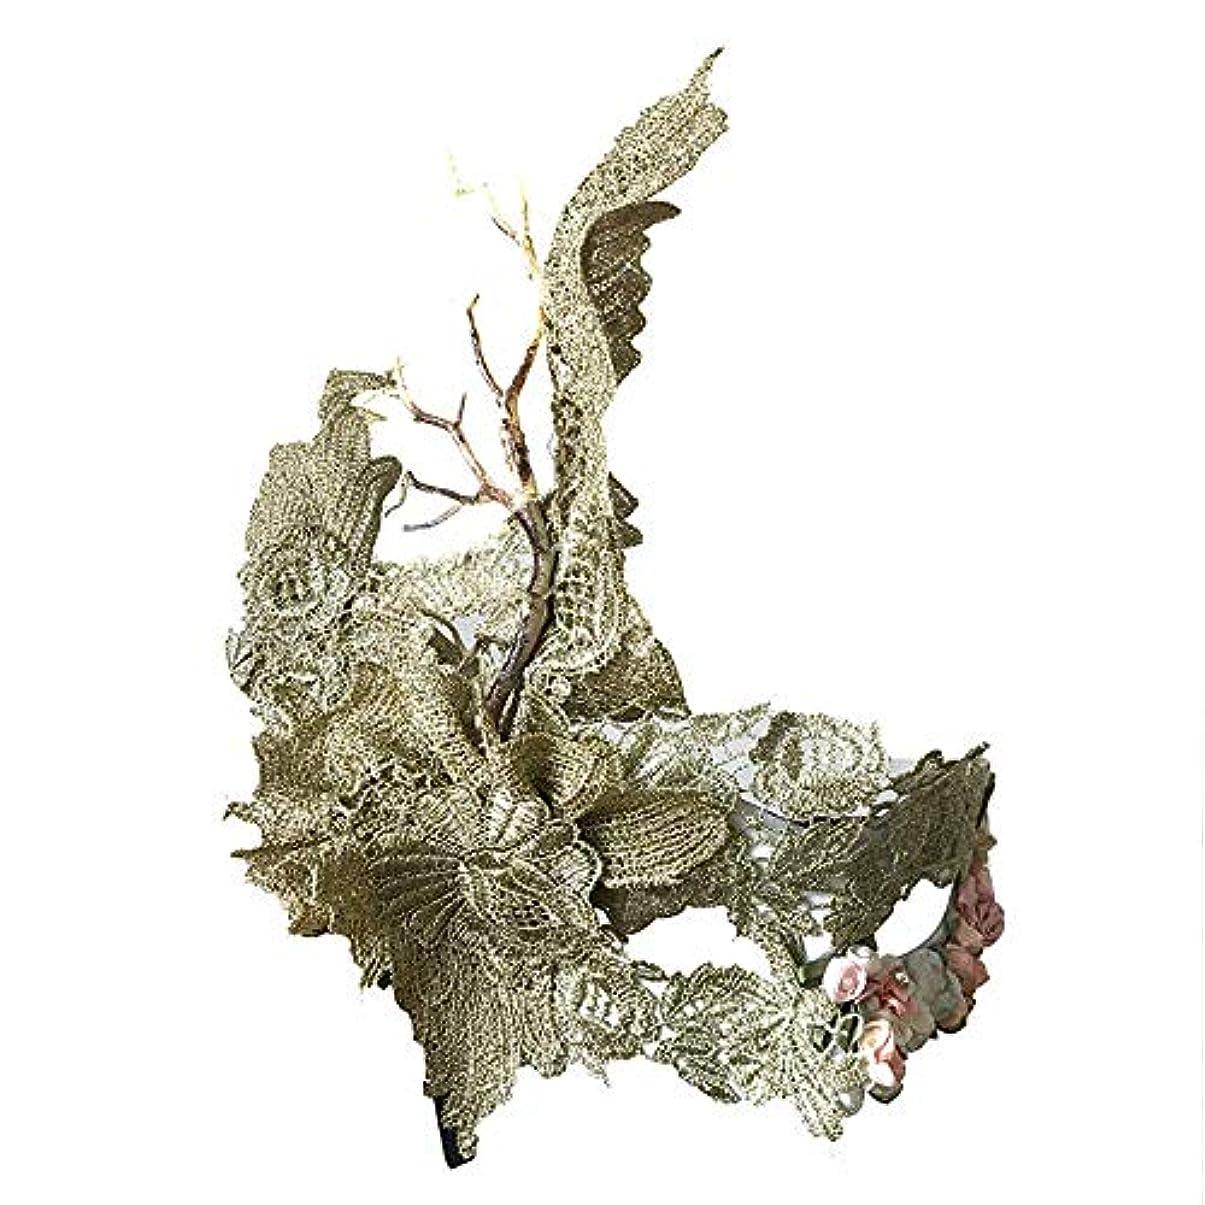 言うまでもなくイノセンス推進力Nanle ハロウィーン手刺繍乾燥ブランチマスク仮装マスクレディミスプリンセス美容祭パーティー装飾マスク